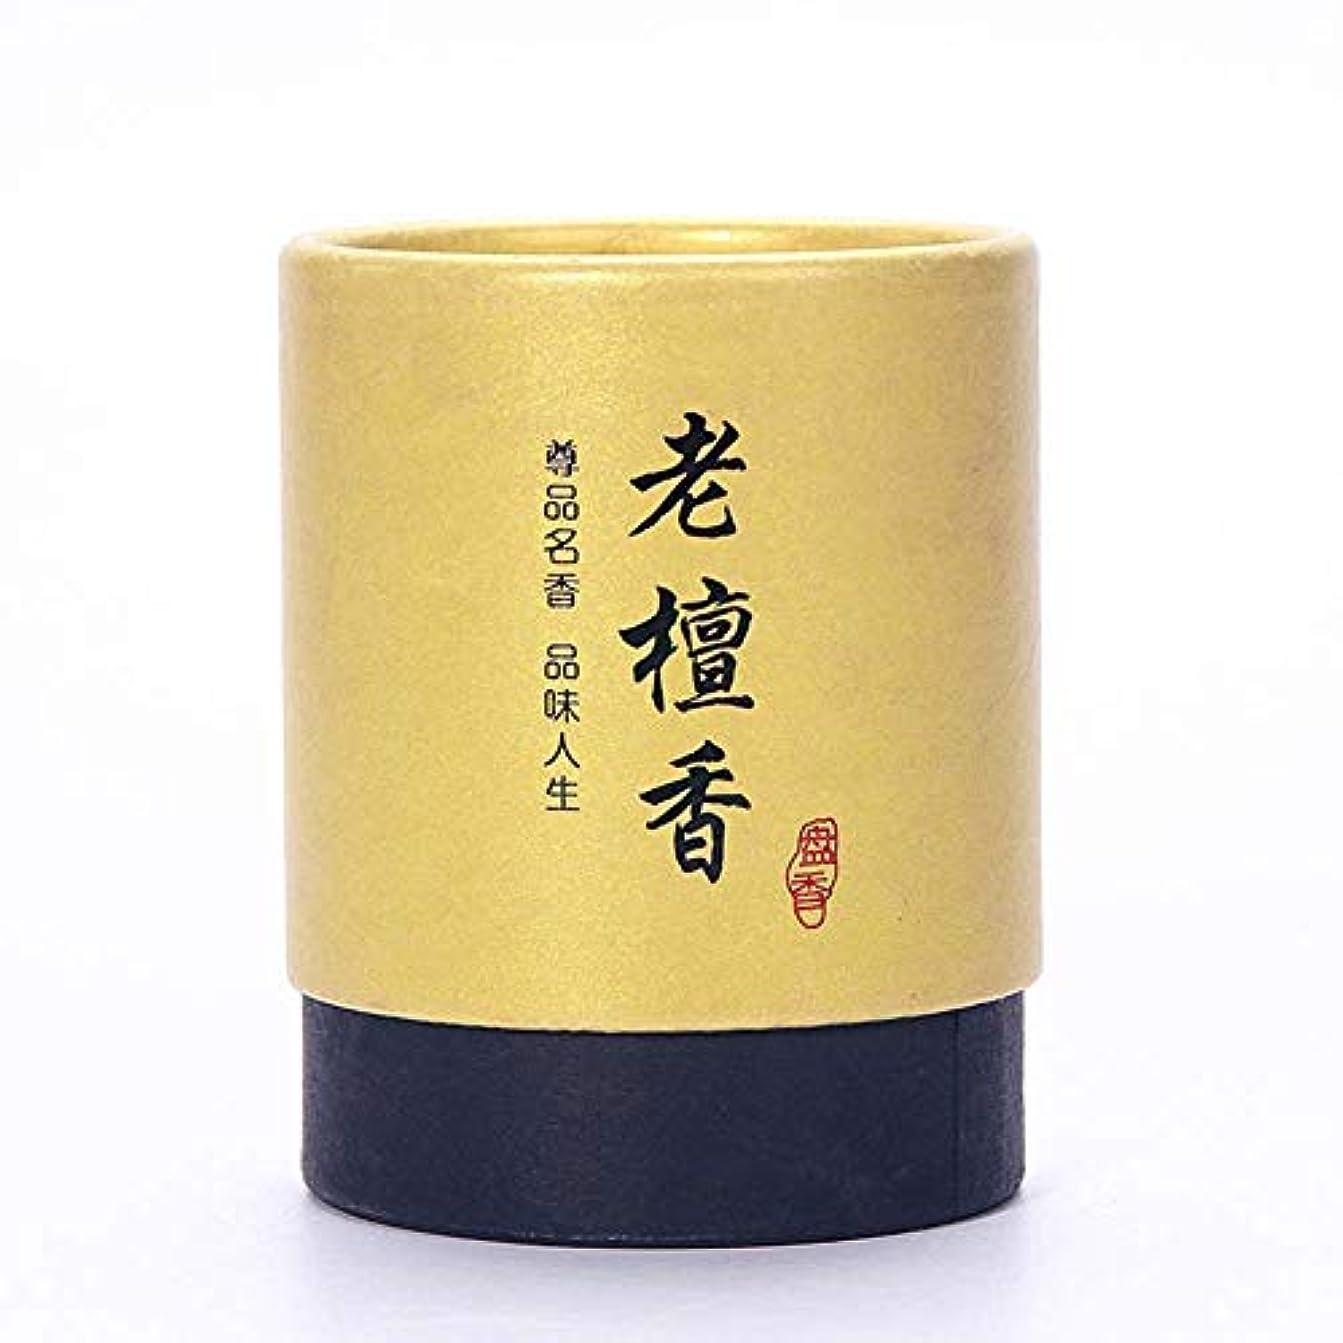 過言顎戸惑うHwaGui お香 ビャクダン 2時間 盤香 渦巻き線香 優しい香り 48巻入 (老い檀香)